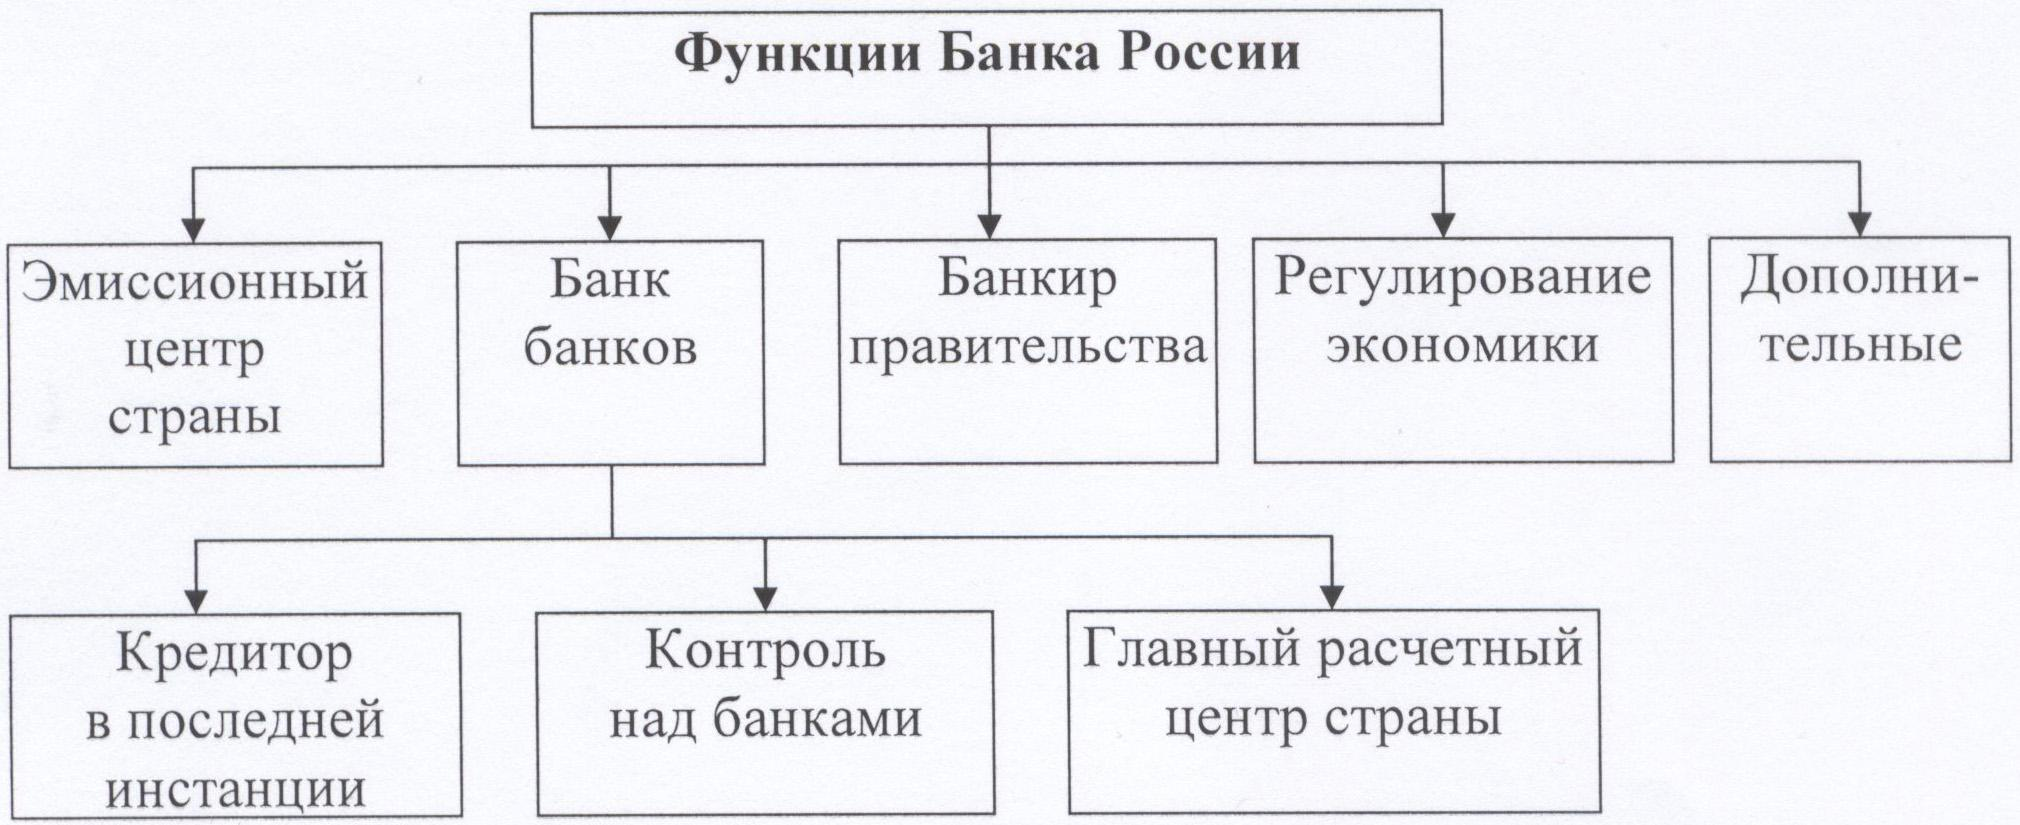 роль и функции центральных банков чего нужно это